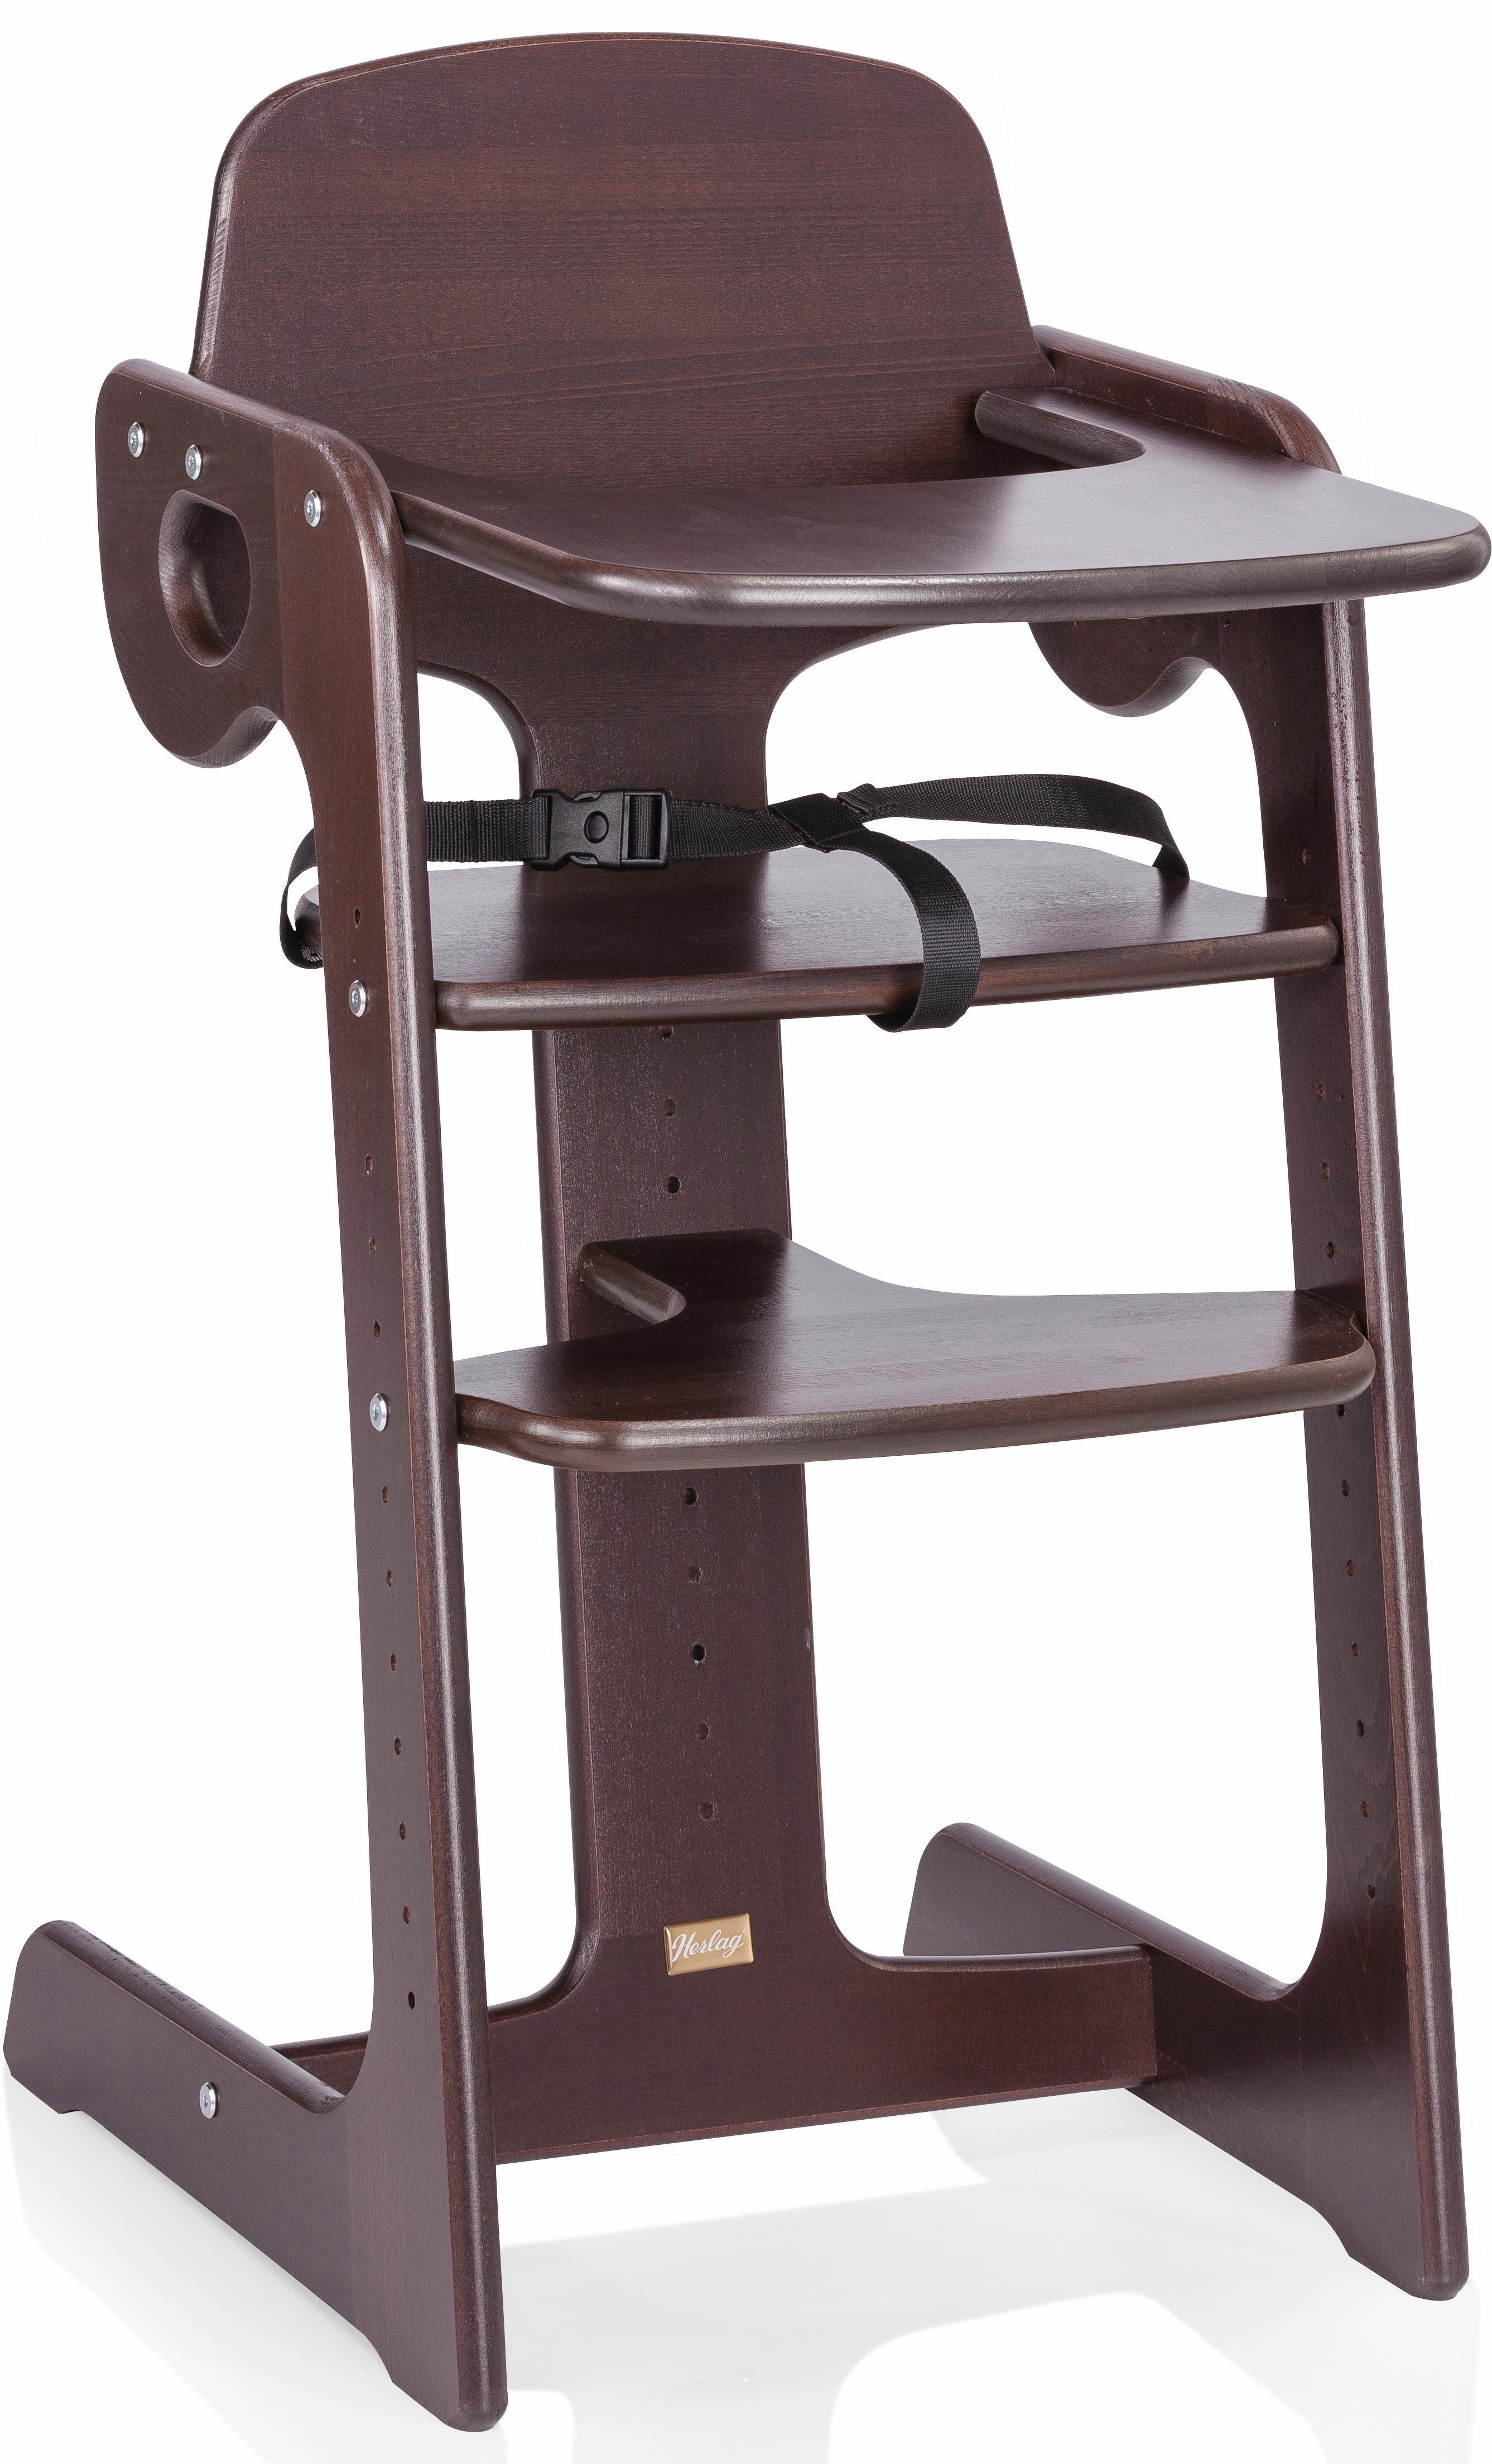 Herlag® Hochstuhl aus Holz, höhenverstellbar, »Tipp Topp IV, Buche massiv braun gebeizt« | Kinderzimmer > Kinderzimmerstühle > Hochstühle | Herlag